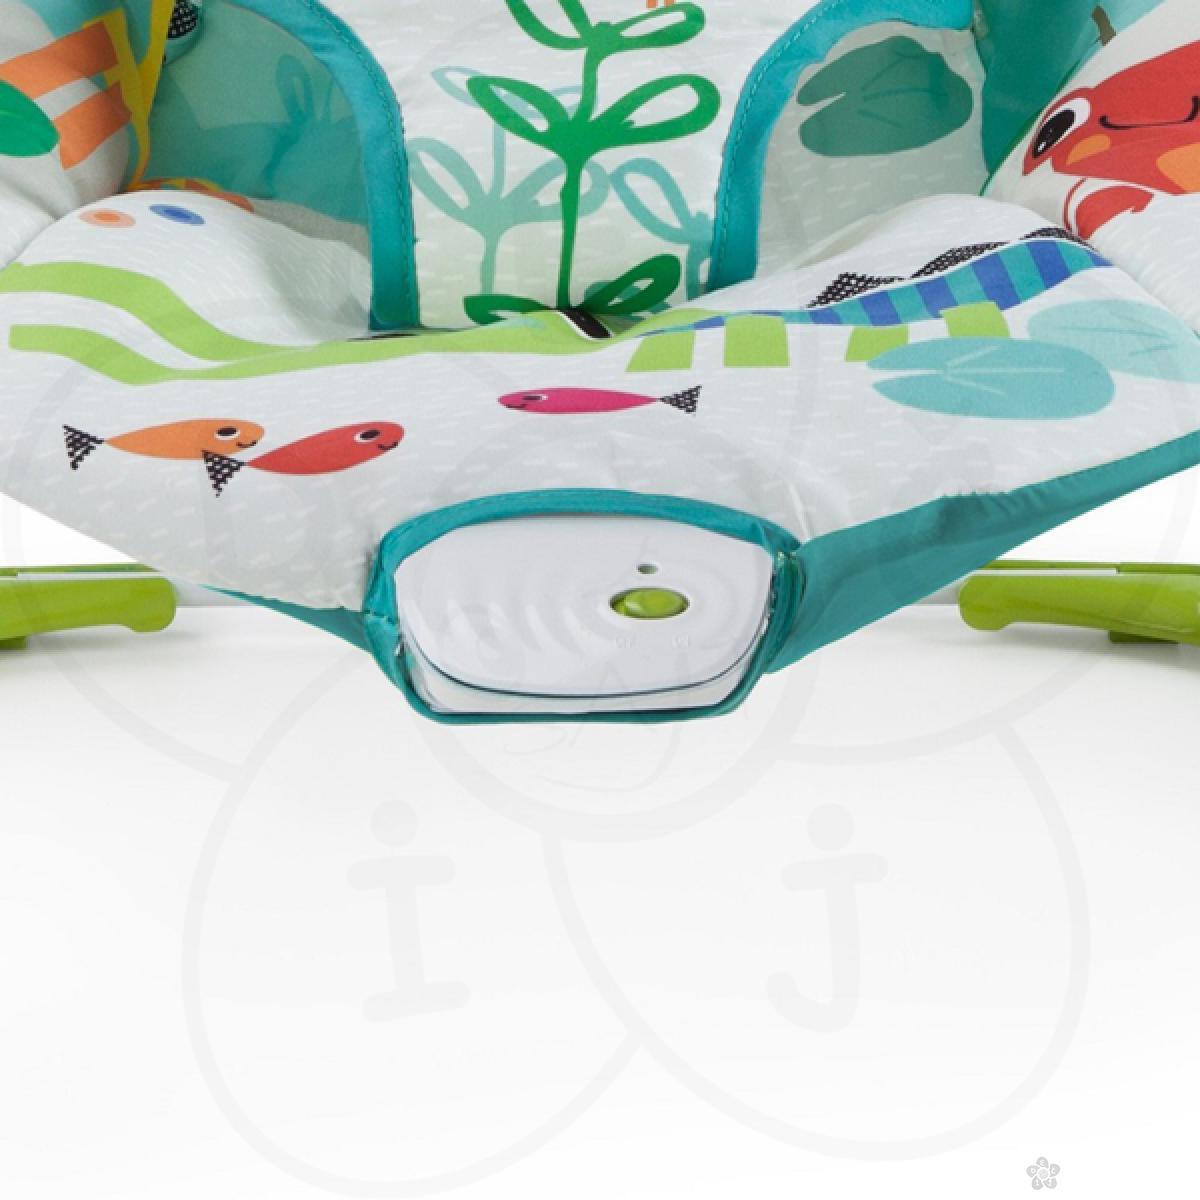 Ležaljka Kids II Jungle Stream SKU60700